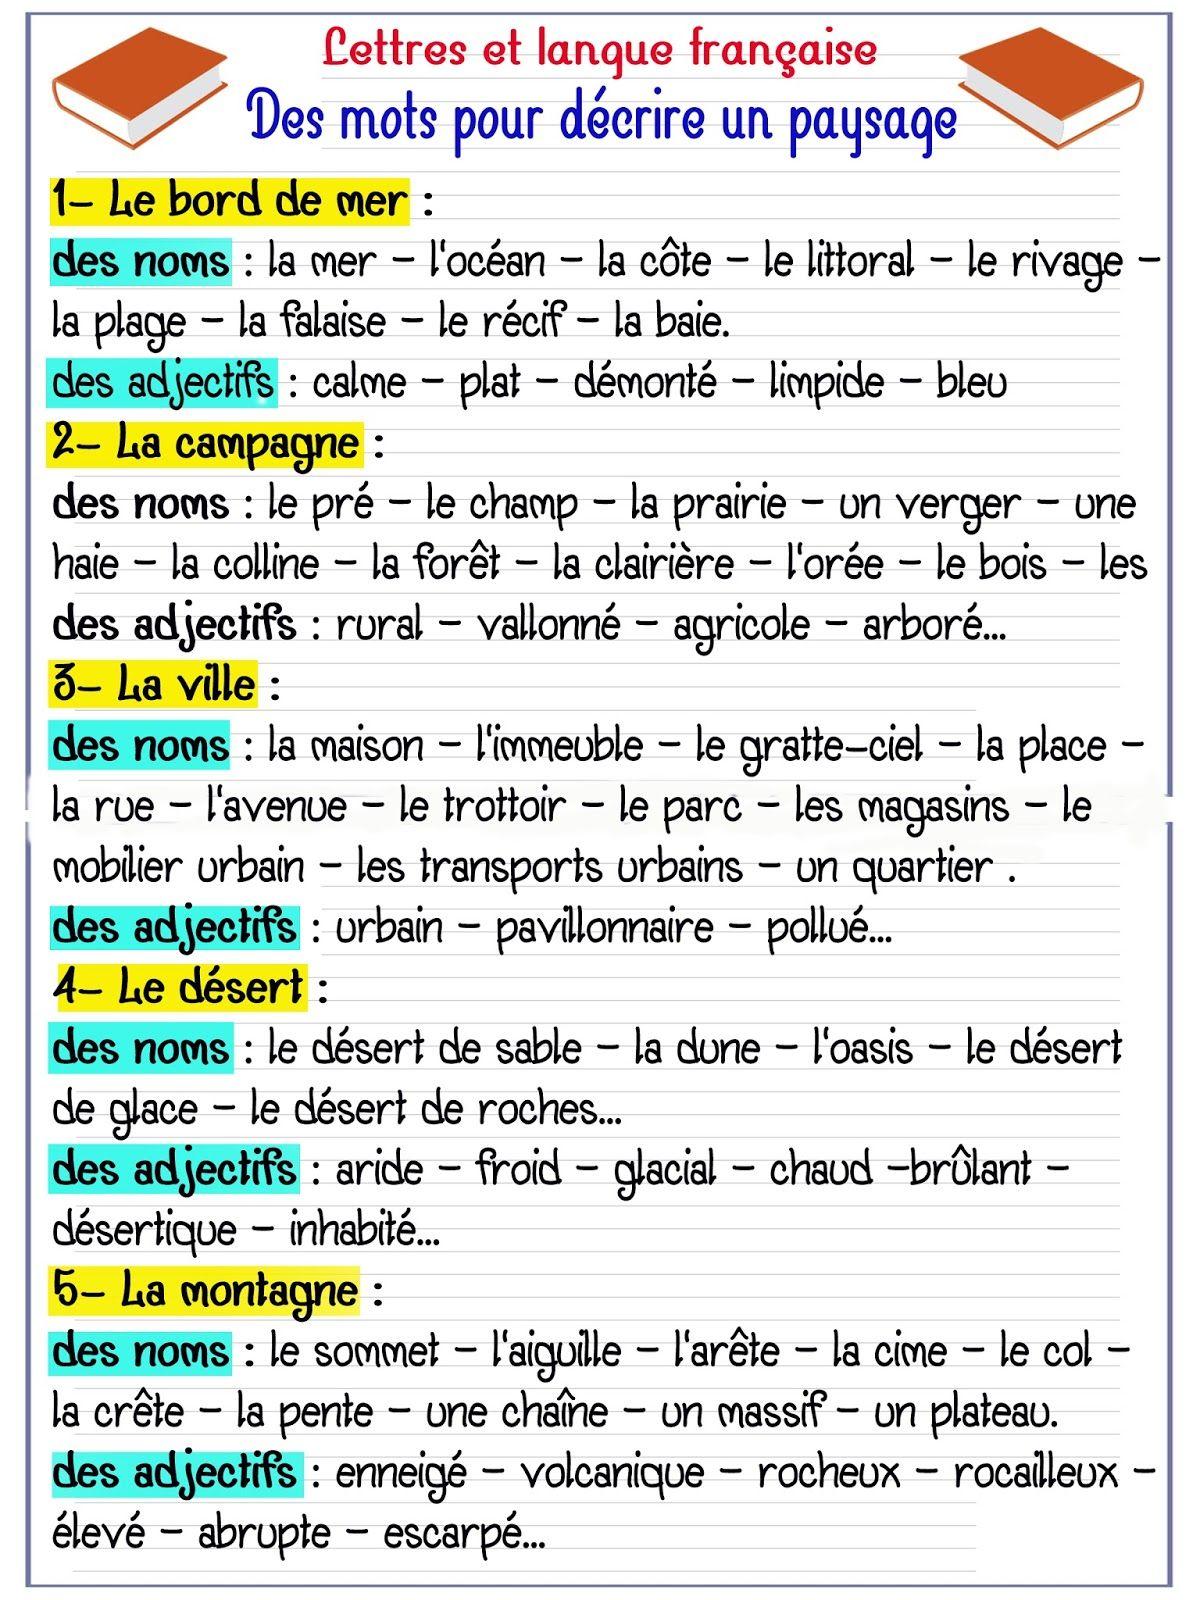 Vocabulaire Pour Decrire Un Paysage La Nature Vocabulaire Apprendre Le Francais Vocabulaire Francais